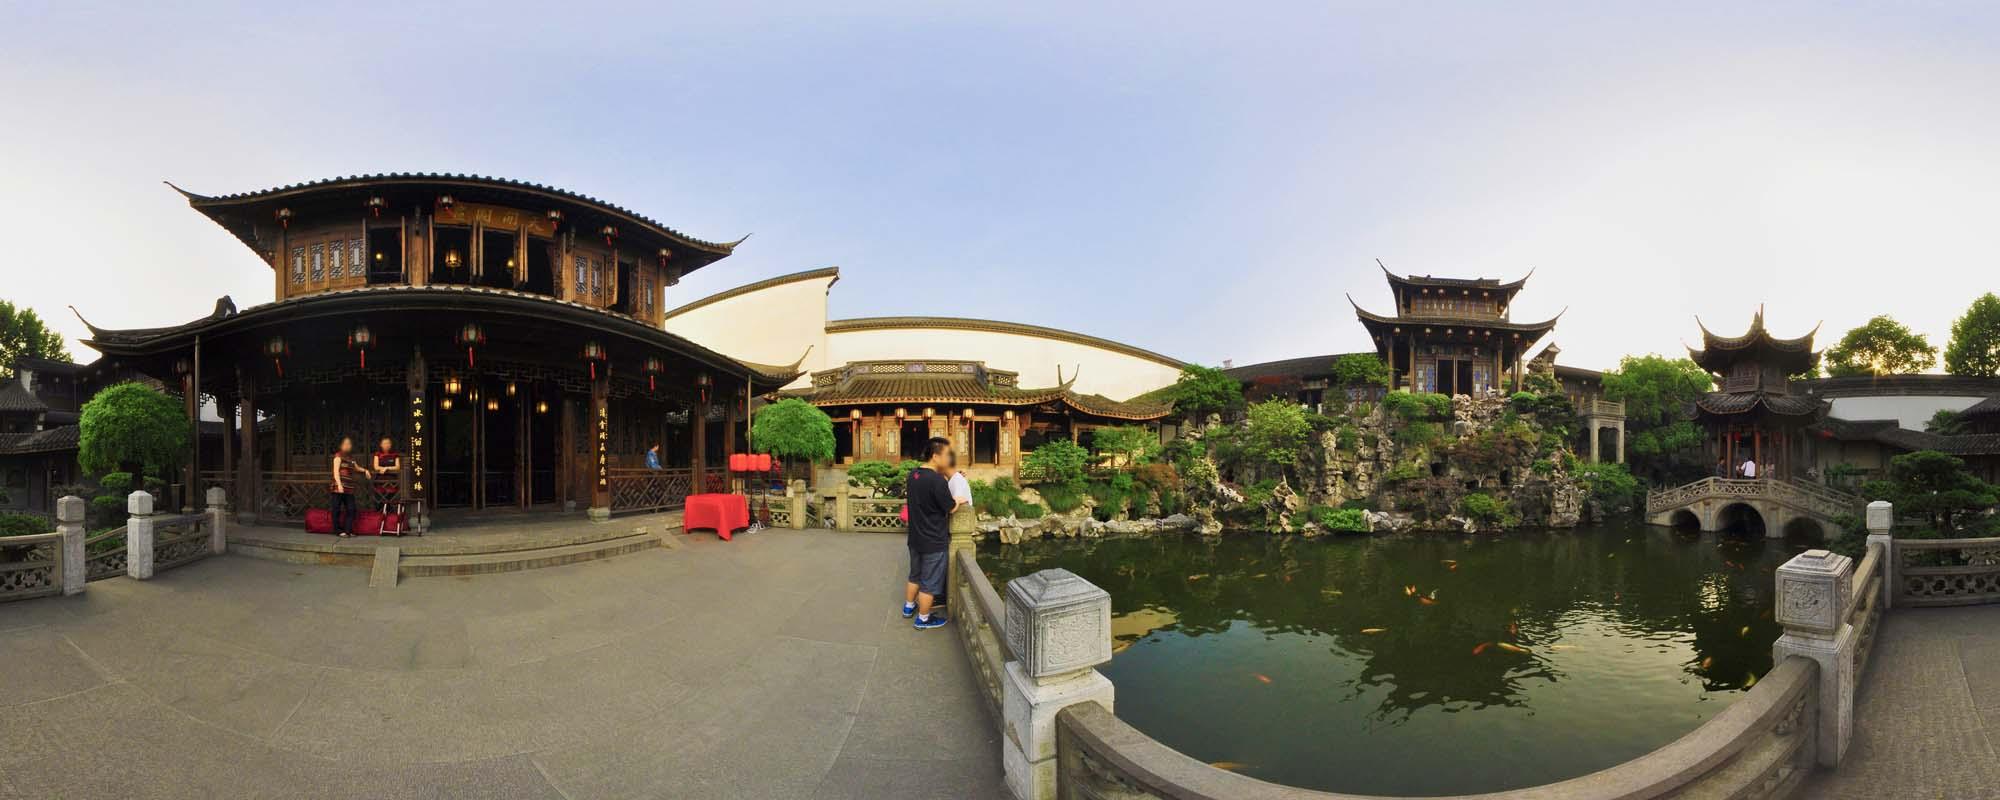 杭州虚拟旅游